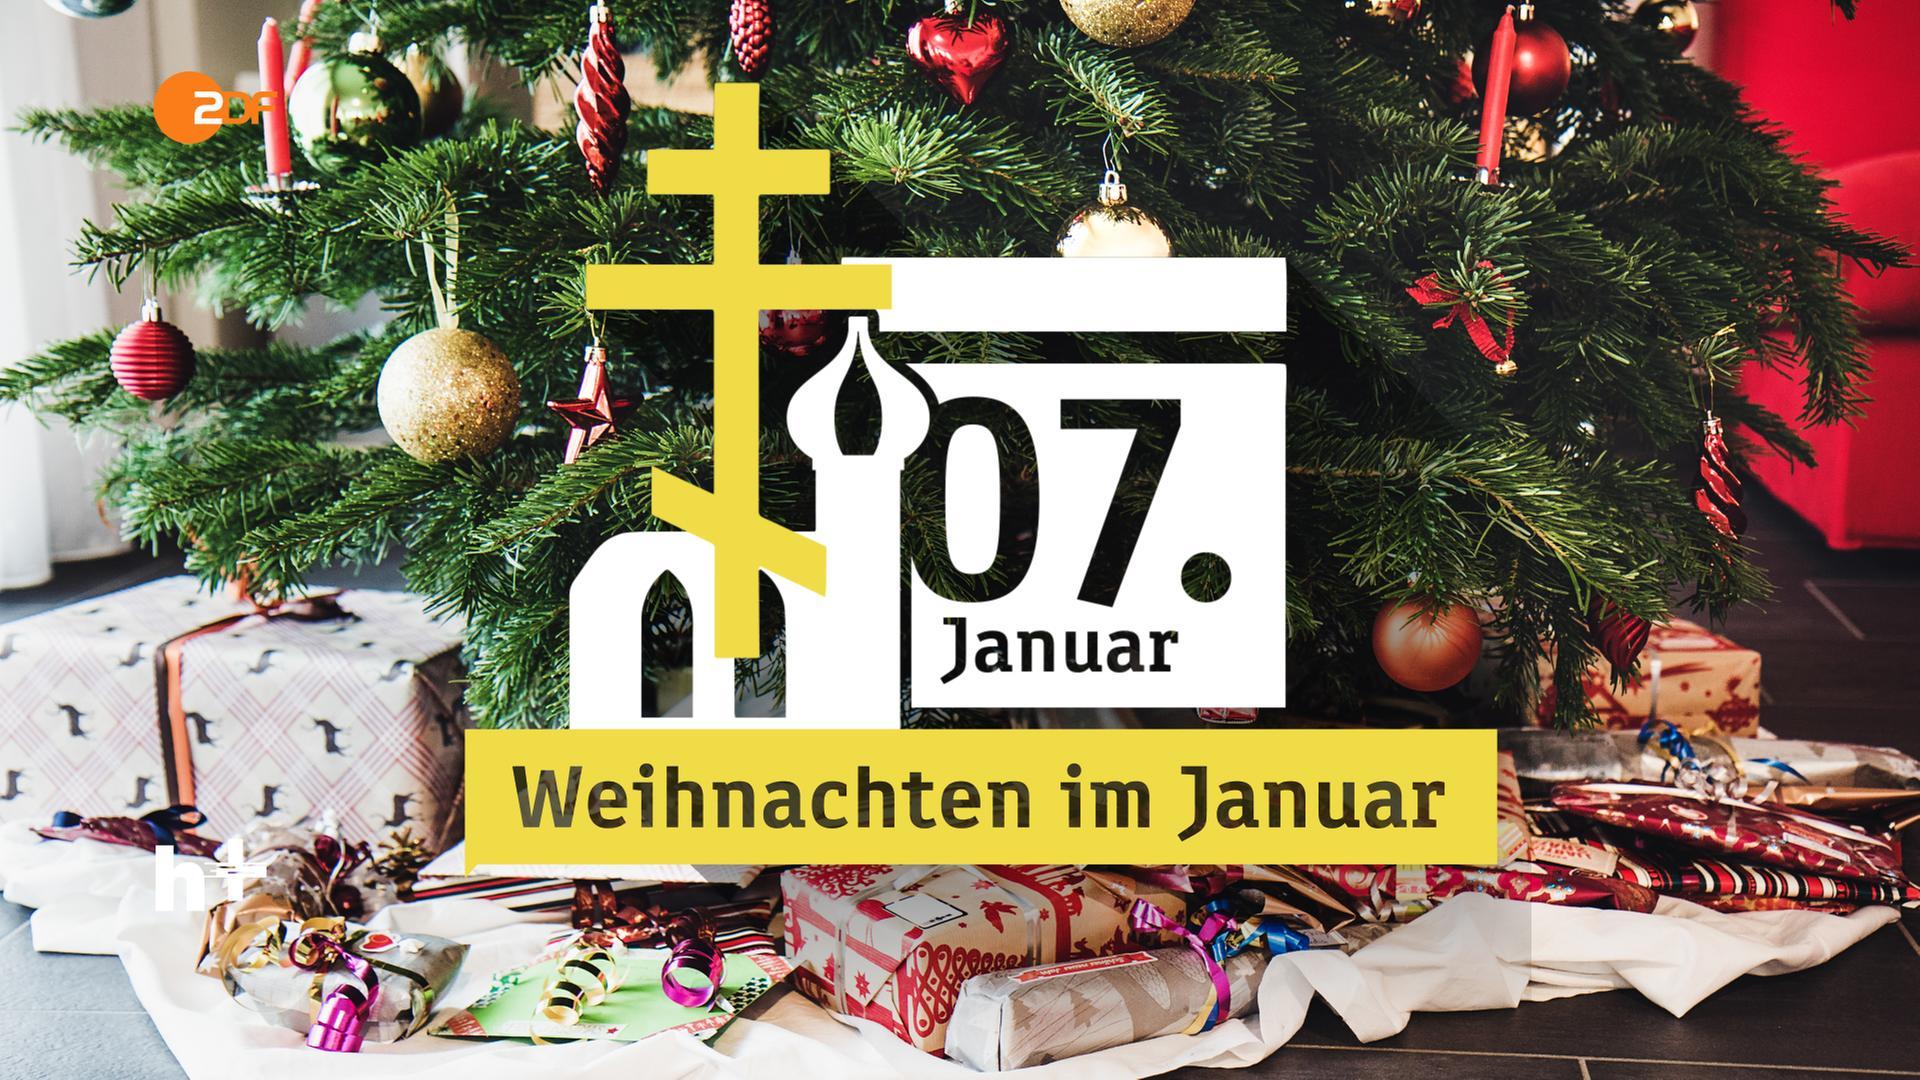 Weihnachten Orthodox.Orthodox Weihnachten Im Januar Zdfmediathek